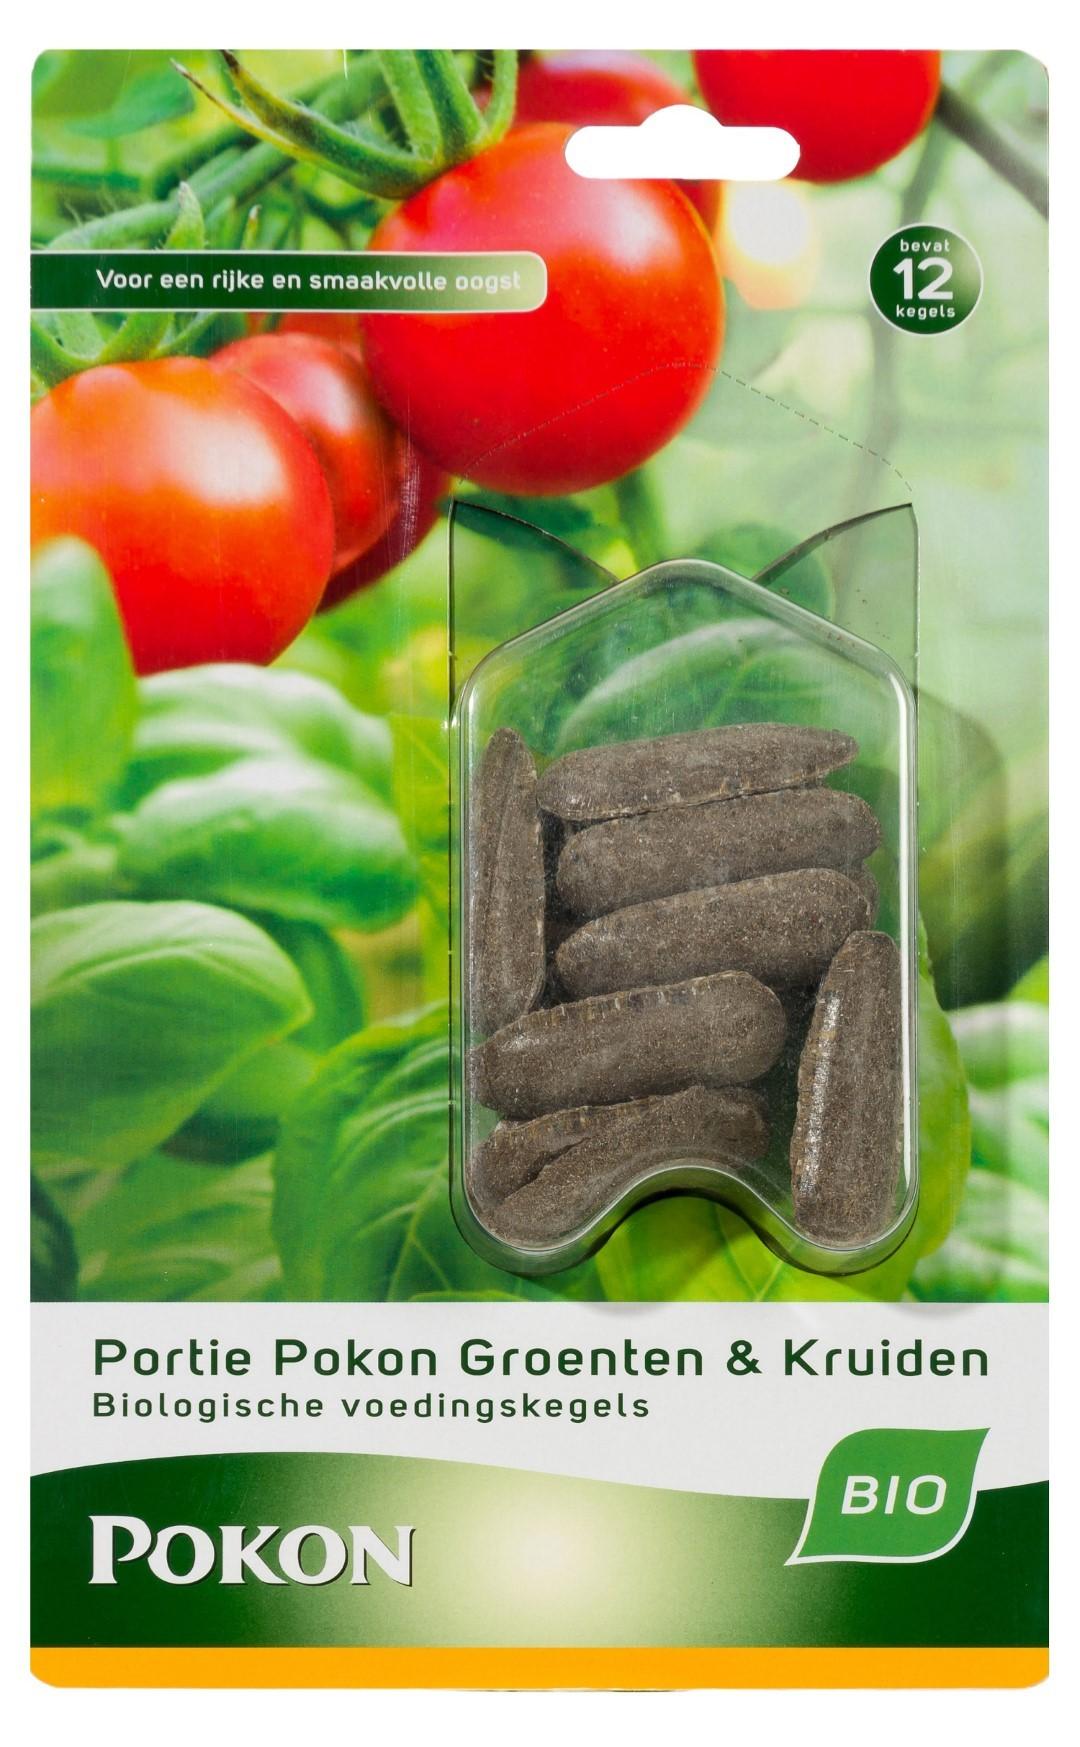 Groenten & Kruiden Voedingkegels 12 st